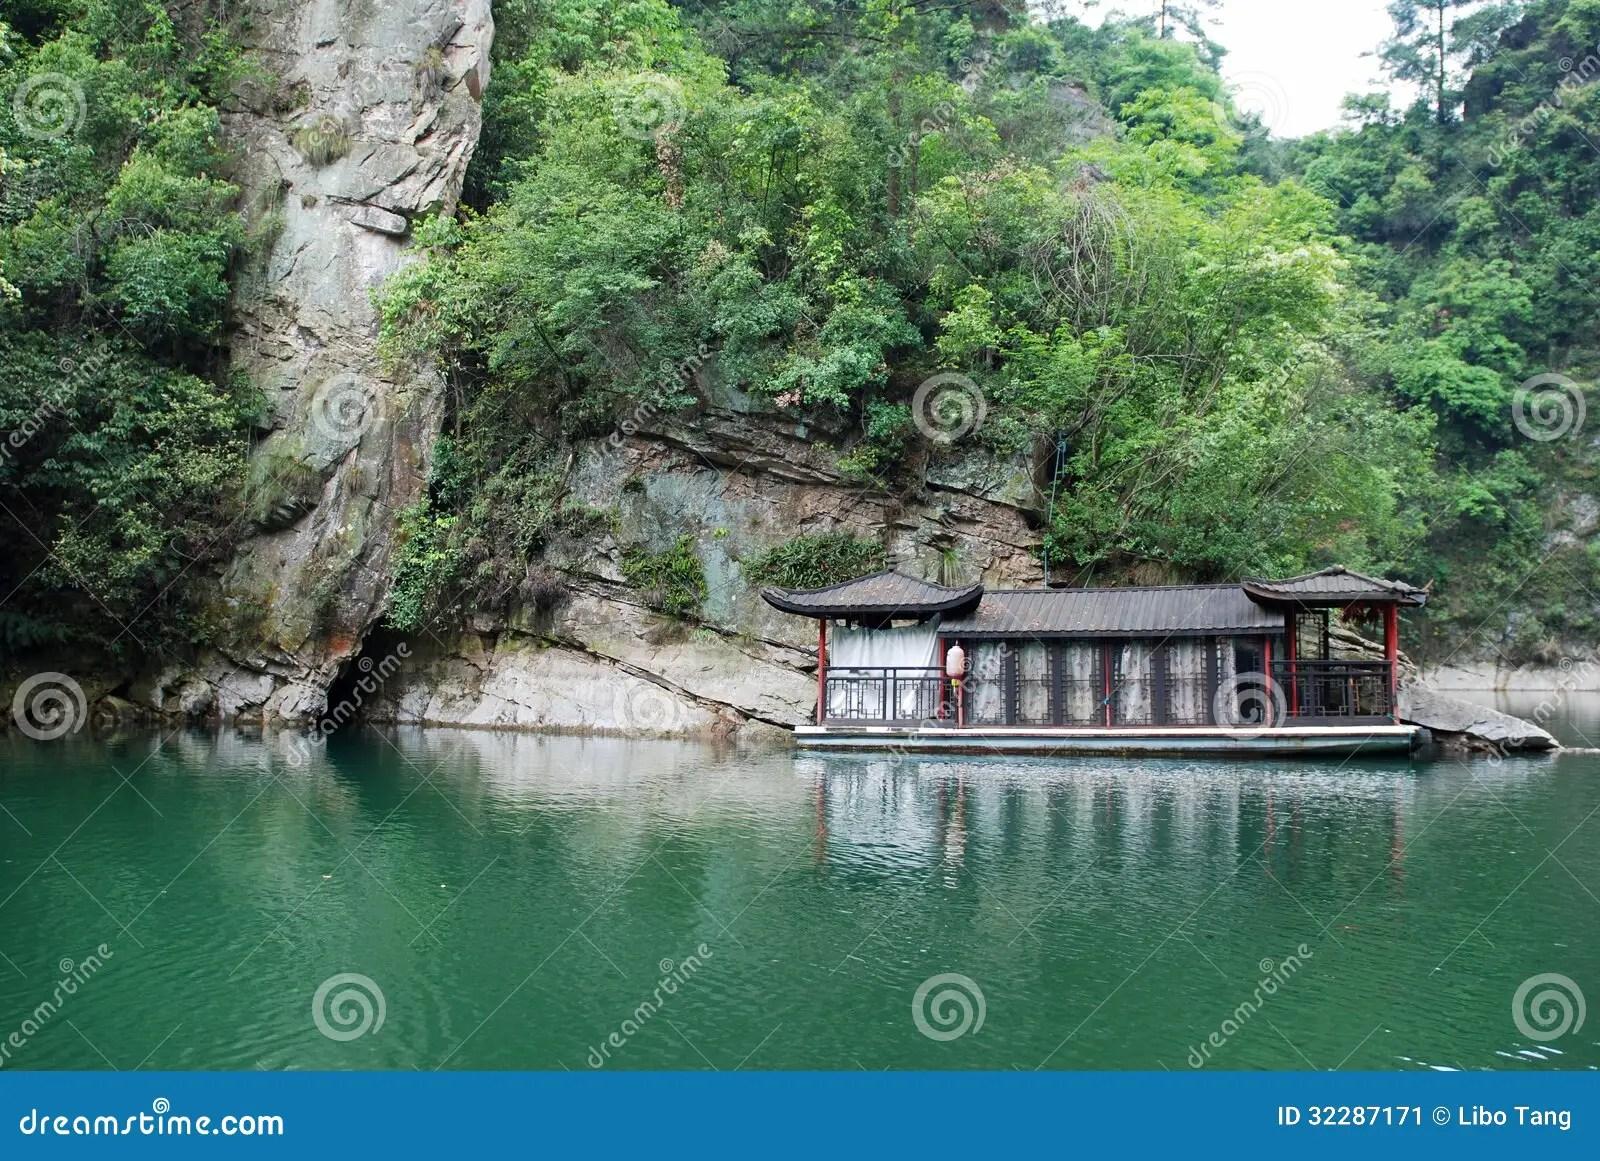 Baofeng Lake In Zhangjiajie Stock Image Image Of National